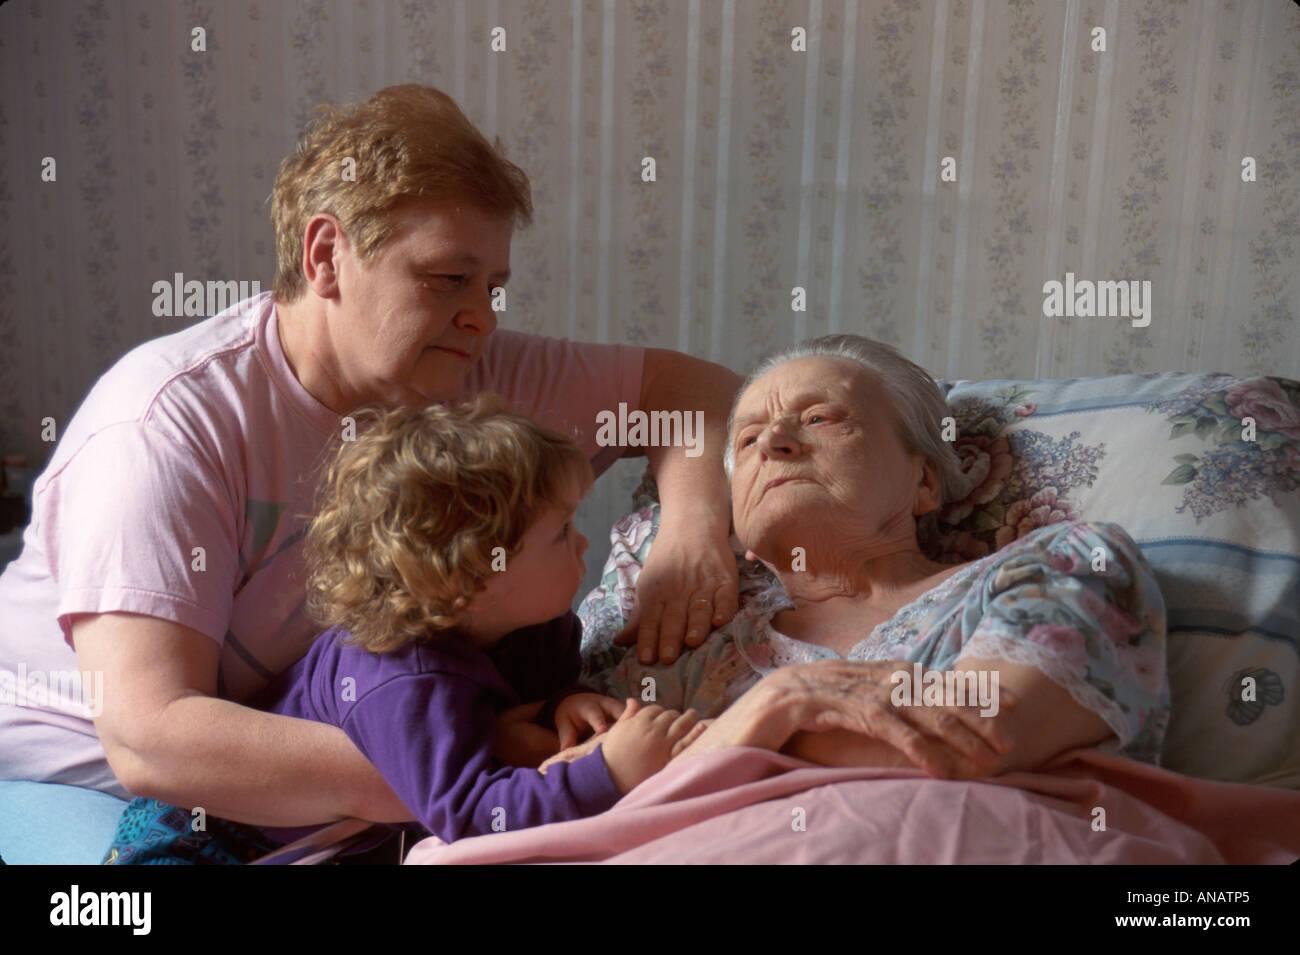 New Jersey, NJ, Mid Atlantic, The 'Garden State', Clifton, bedidden, ancianos ciudadanos ancianos pensionistas jubilados ancianos jubilados, adultos Foto de stock